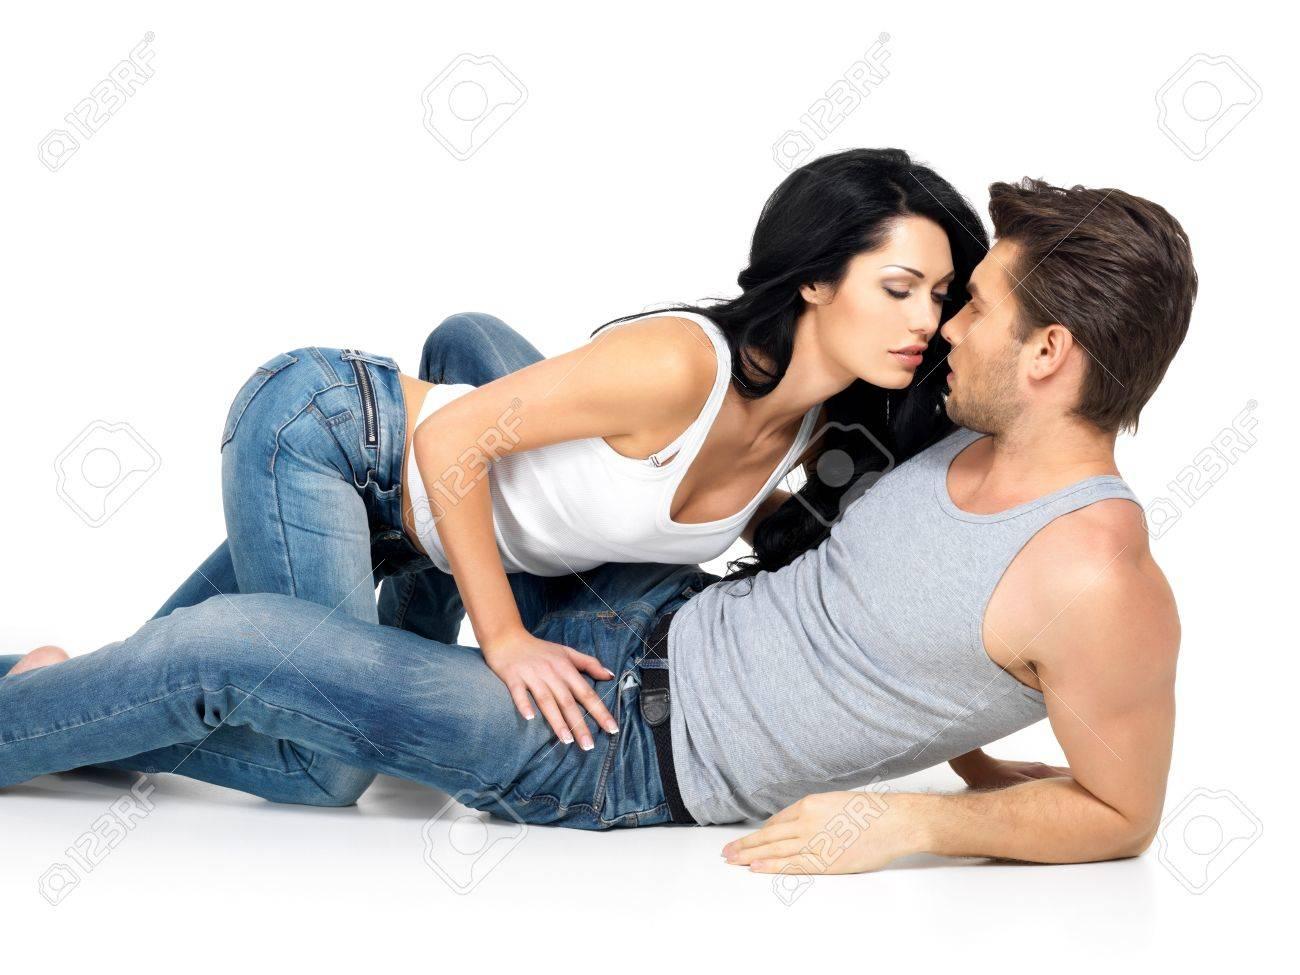 freyd-priznaki-seksualno